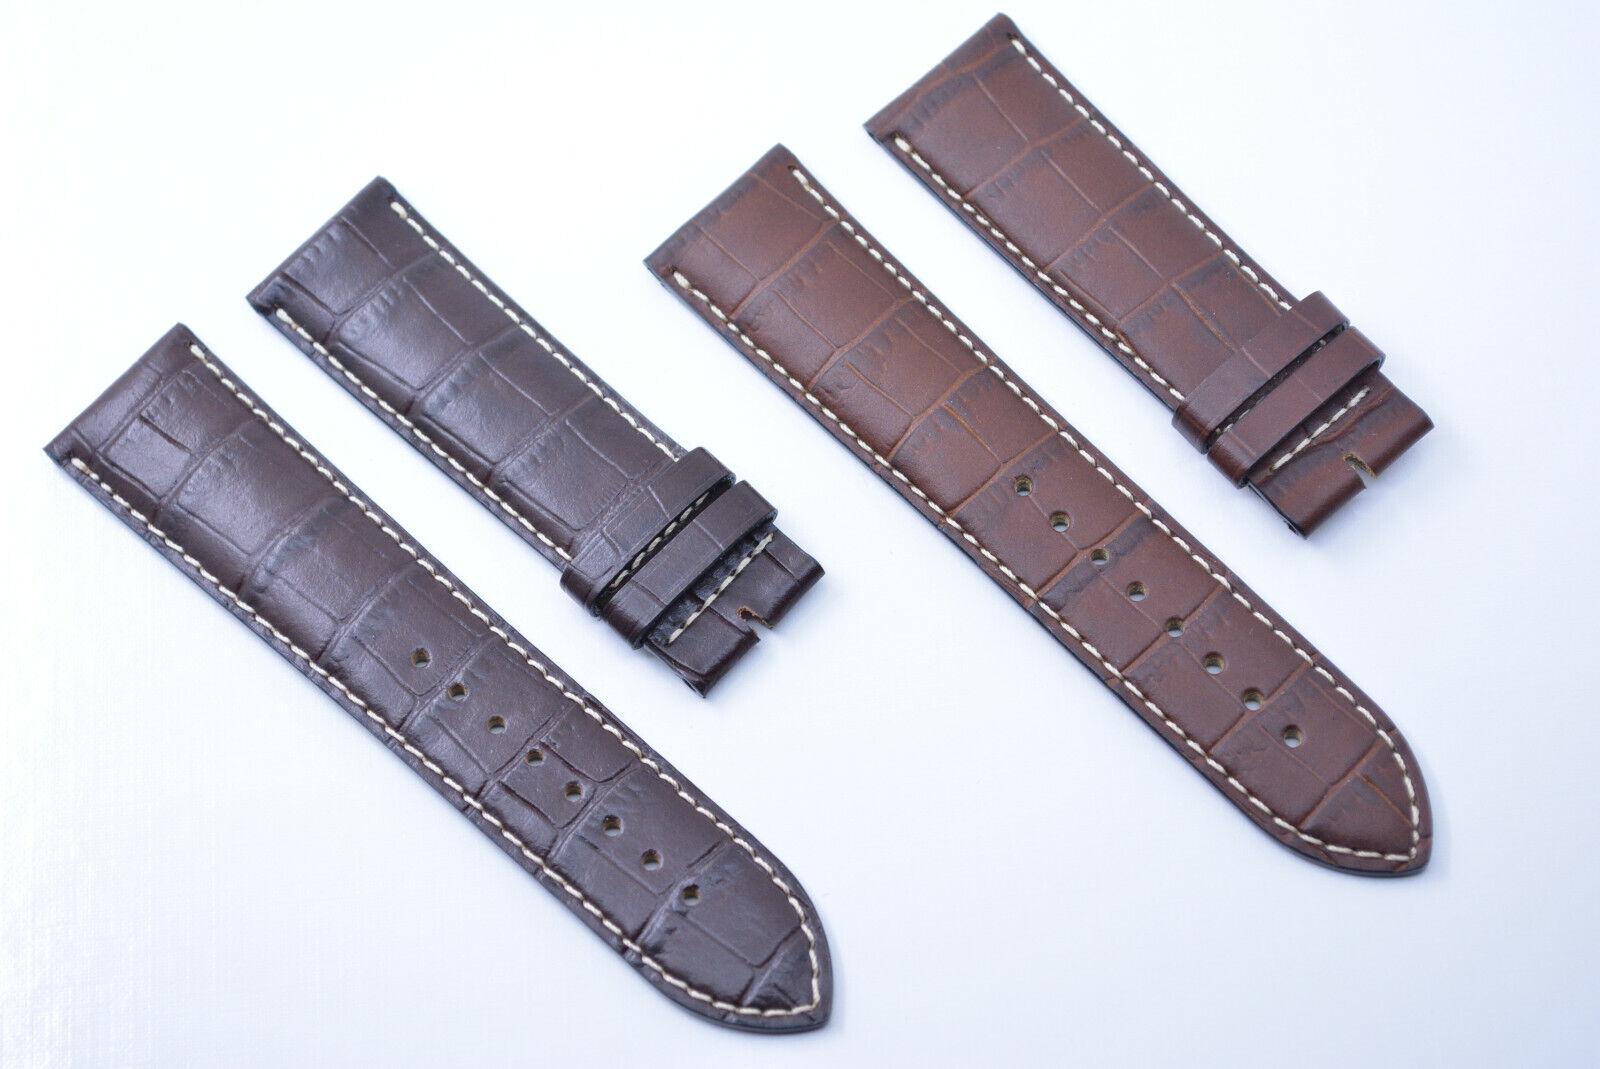 Original Tissot 1853 Uhrenarmband 22 mm Braun Dunkelbraun Echtleder armband